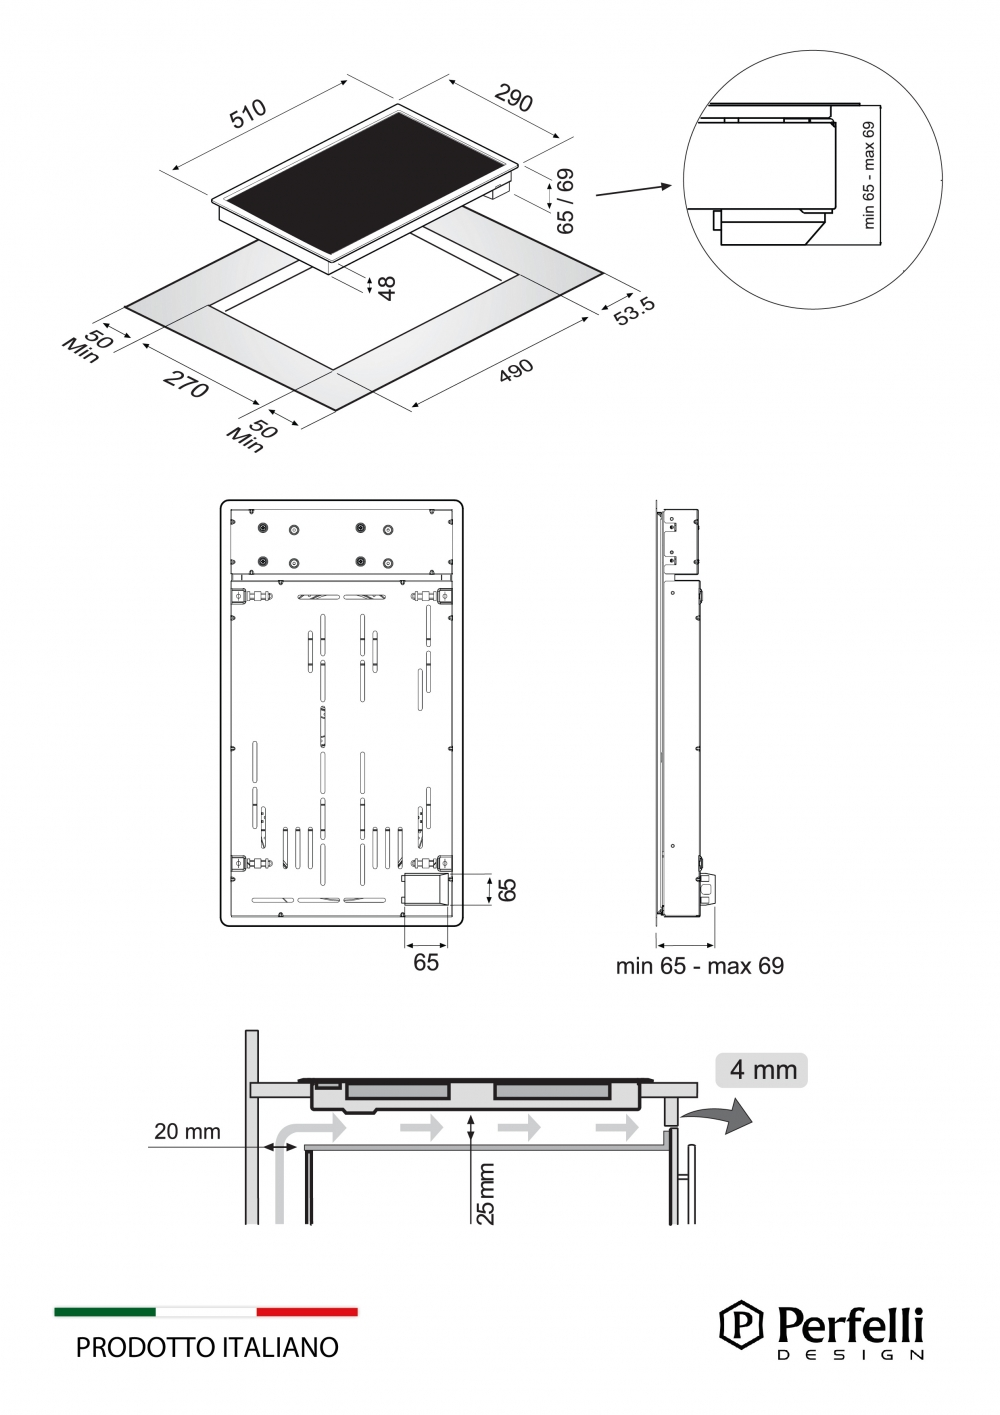 Поверхность стеклокерамическая Domino Perfelli design HVC 3210 WH RETRO